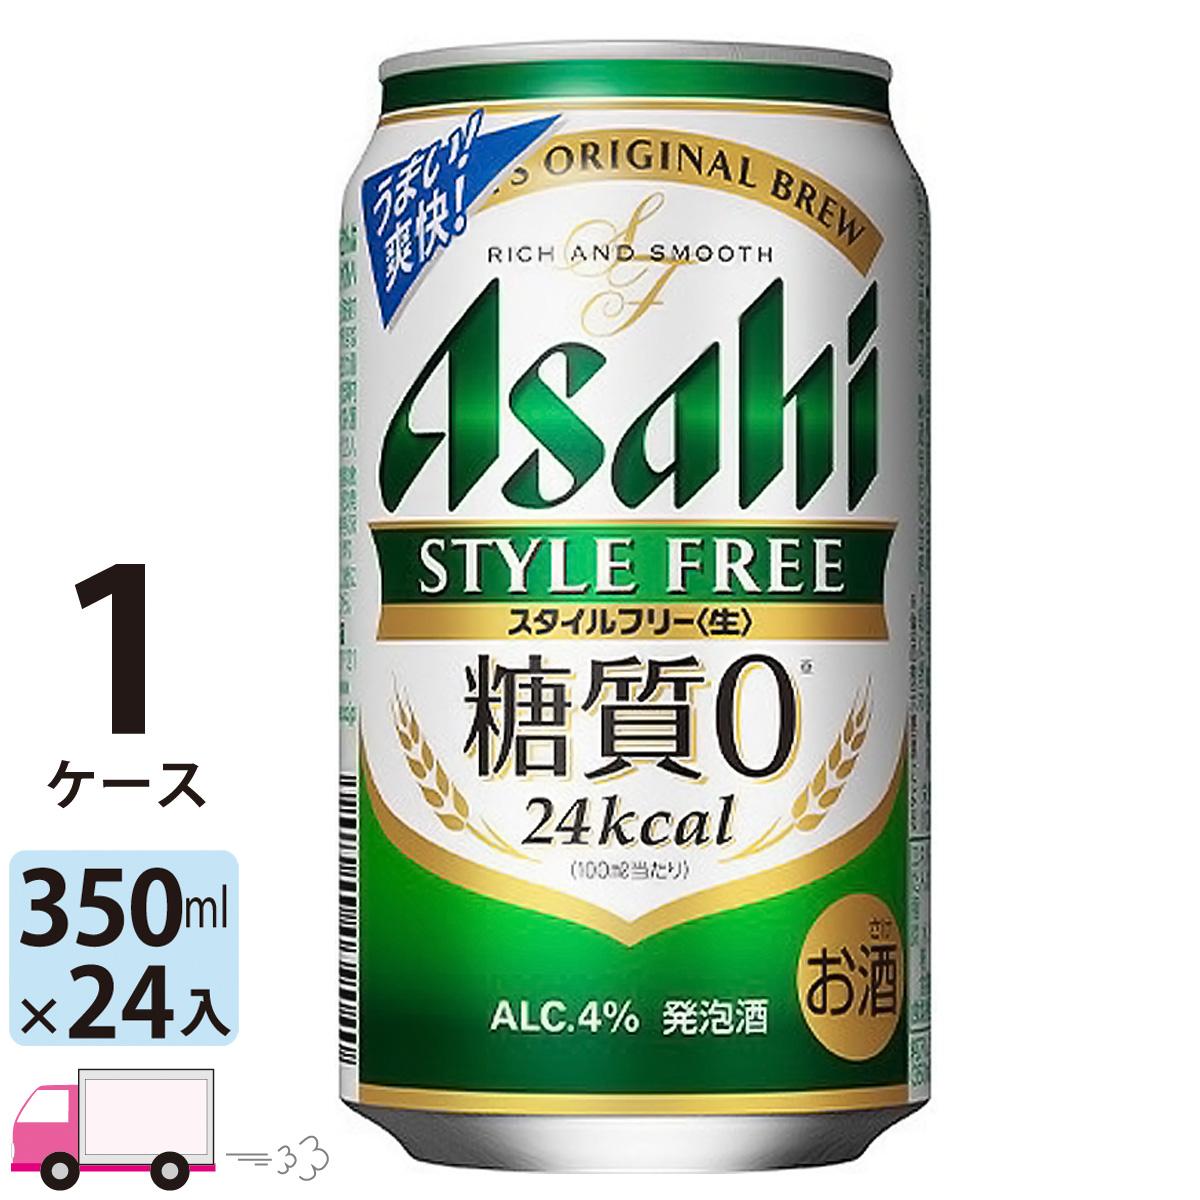 「糖質0」の発泡酒。すっきり爽快な飲みやすさとしっかりした麦の味わいが特長。<生>製法で本格的な飲みごたえ。糖質の気になる方にも嬉しい商品です。 アサヒ ビール スタイルフリー 350ml ×24缶入 1ケース (24本)